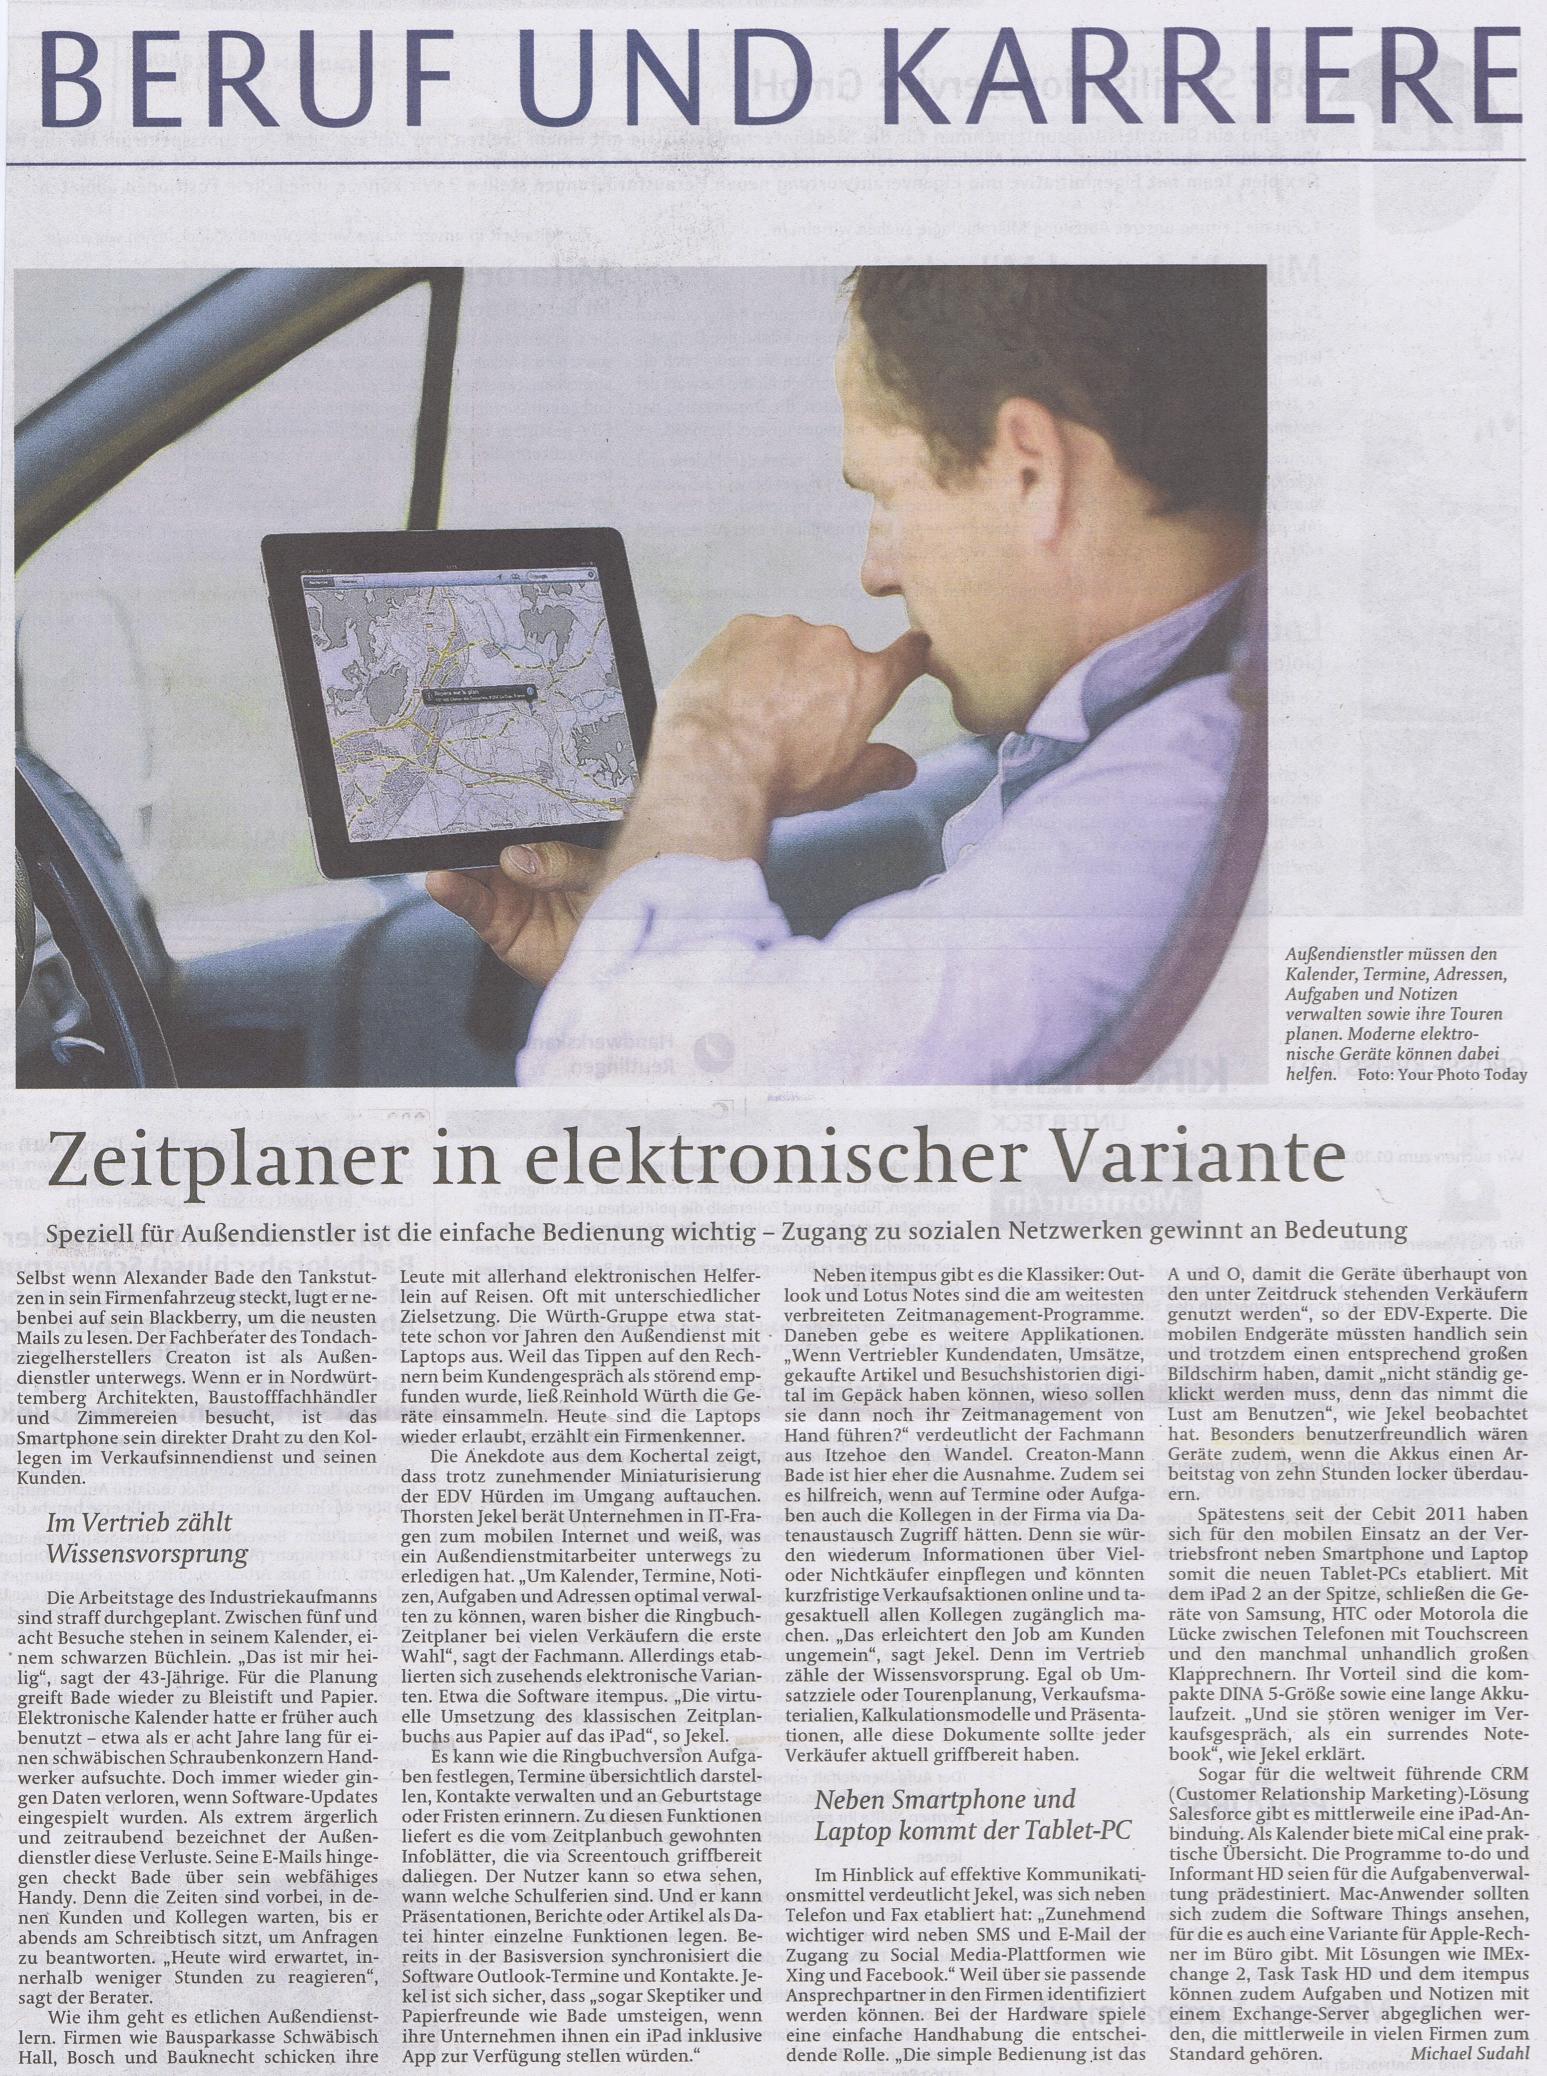 166 StZ, StN, Schwabo itempus 11.06.2011